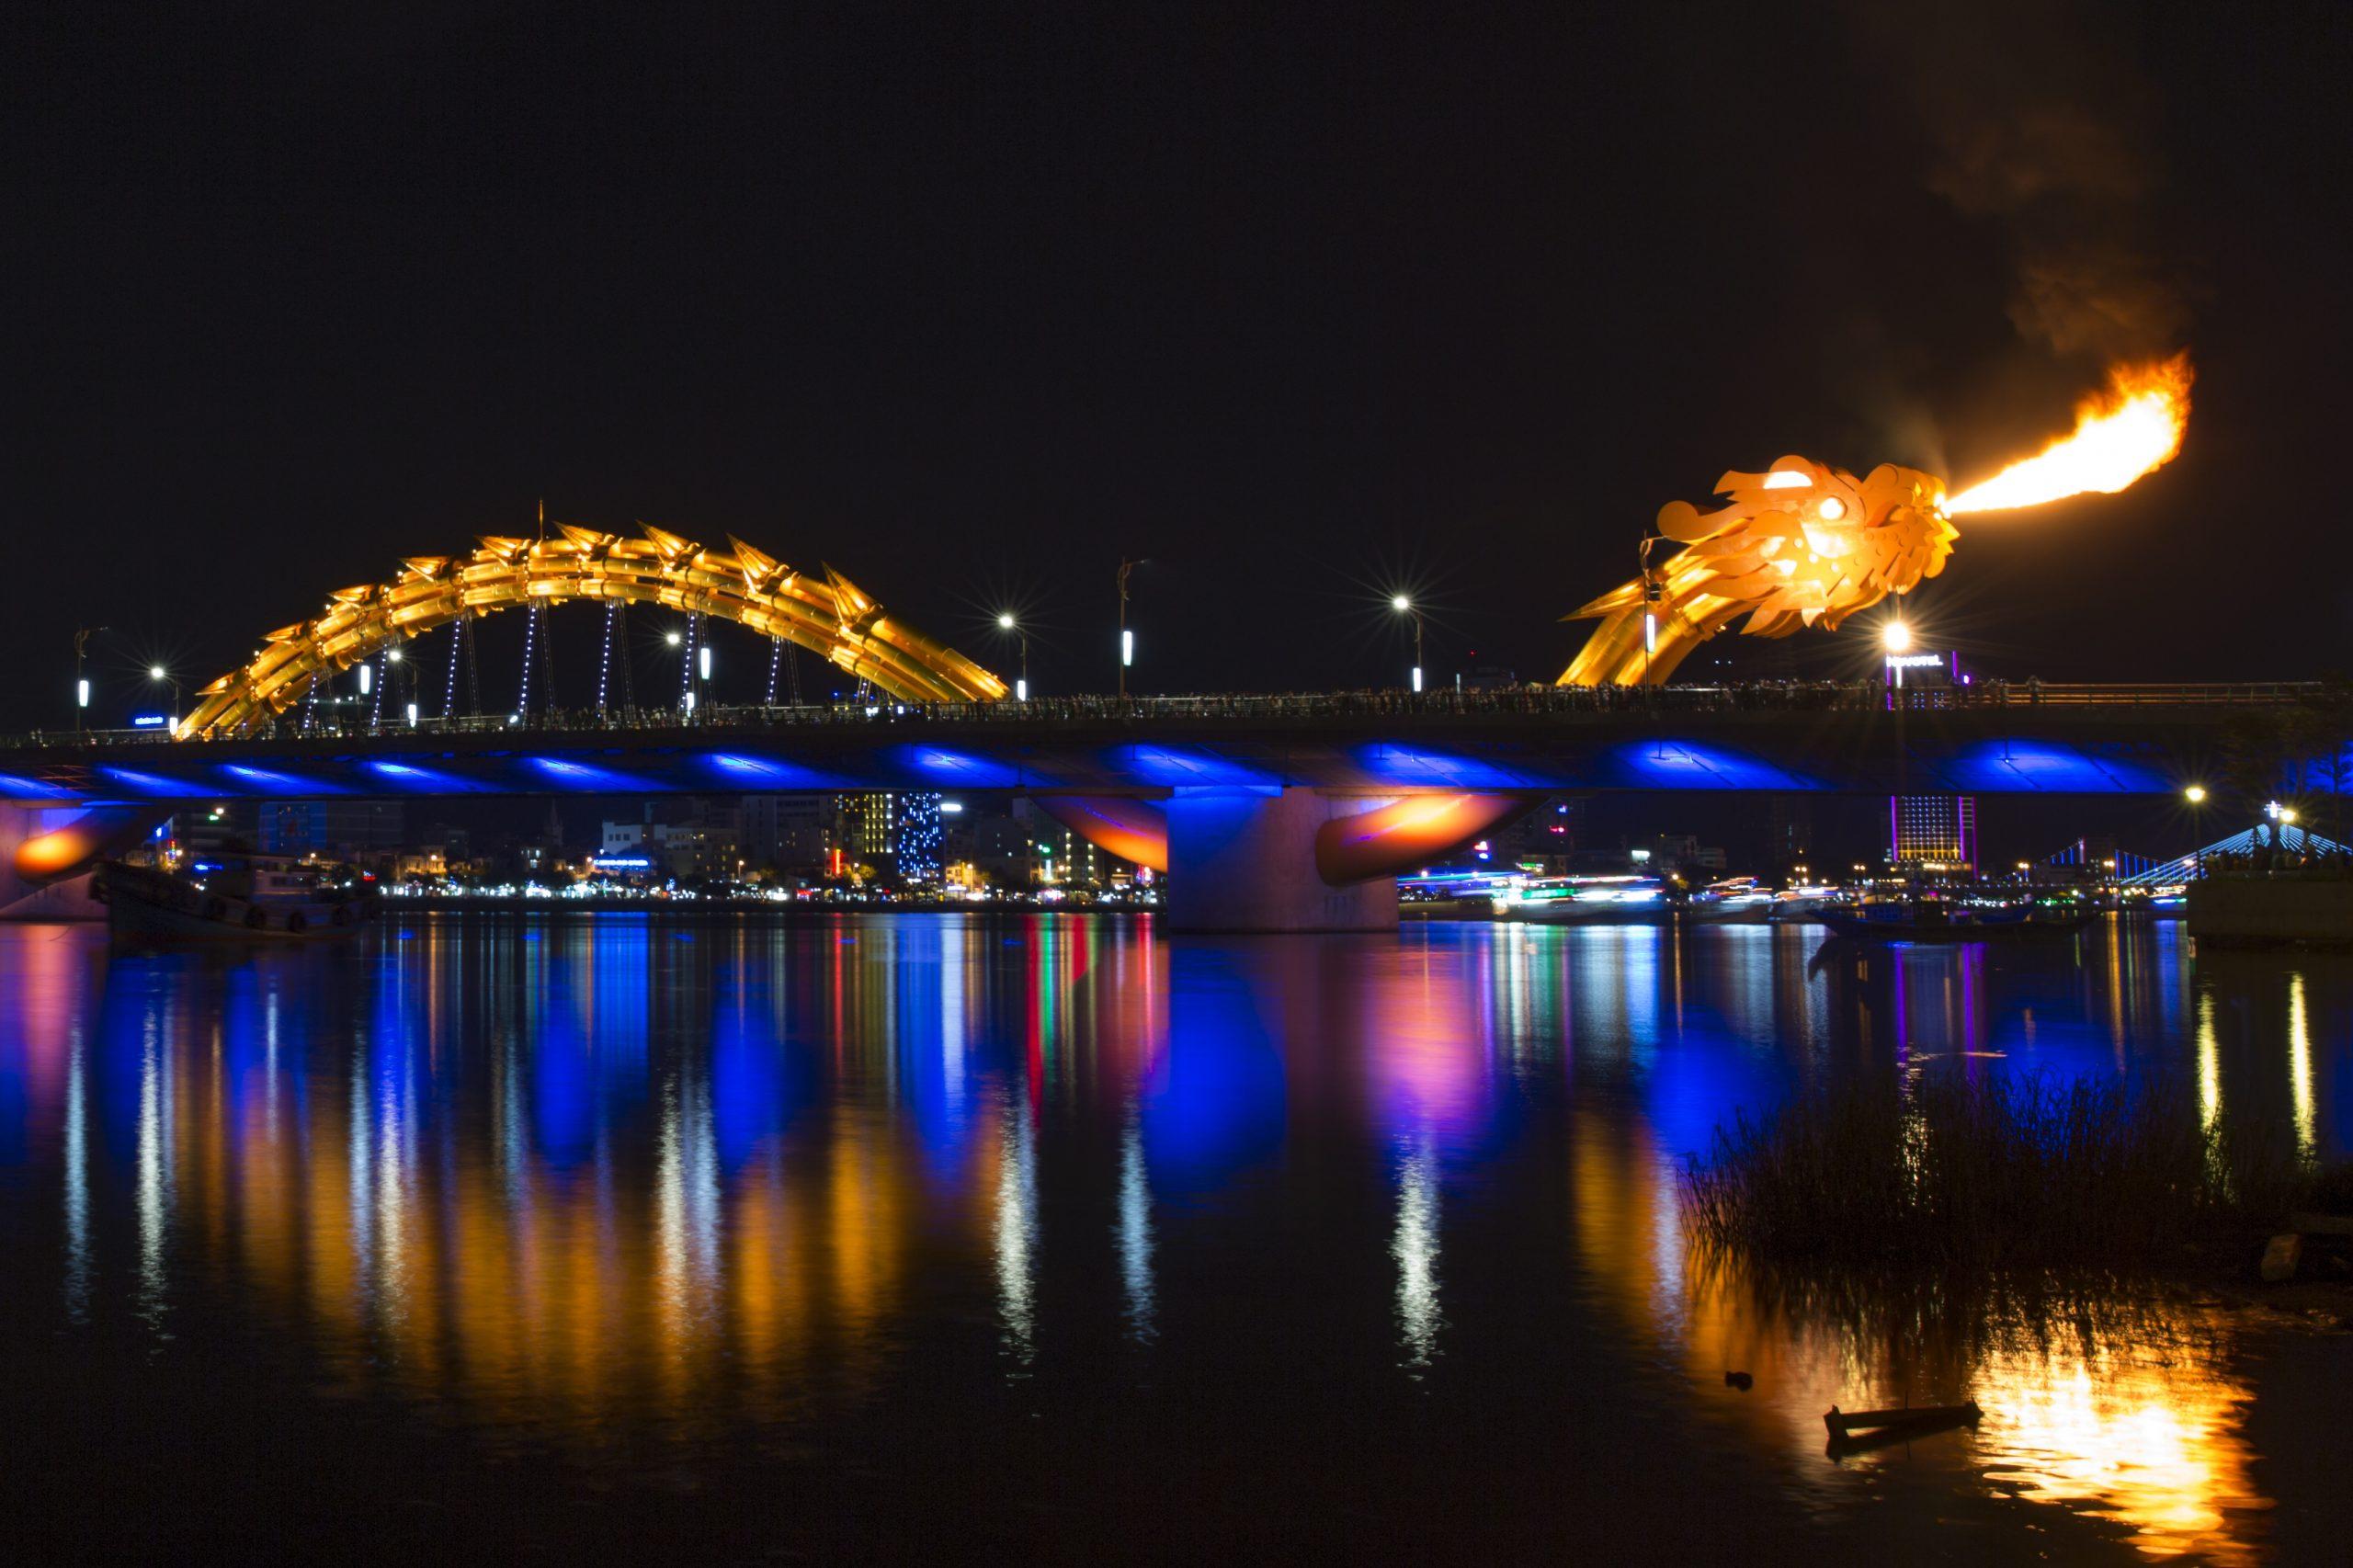 Cầu Rồng Thành phố Đà Nẵng